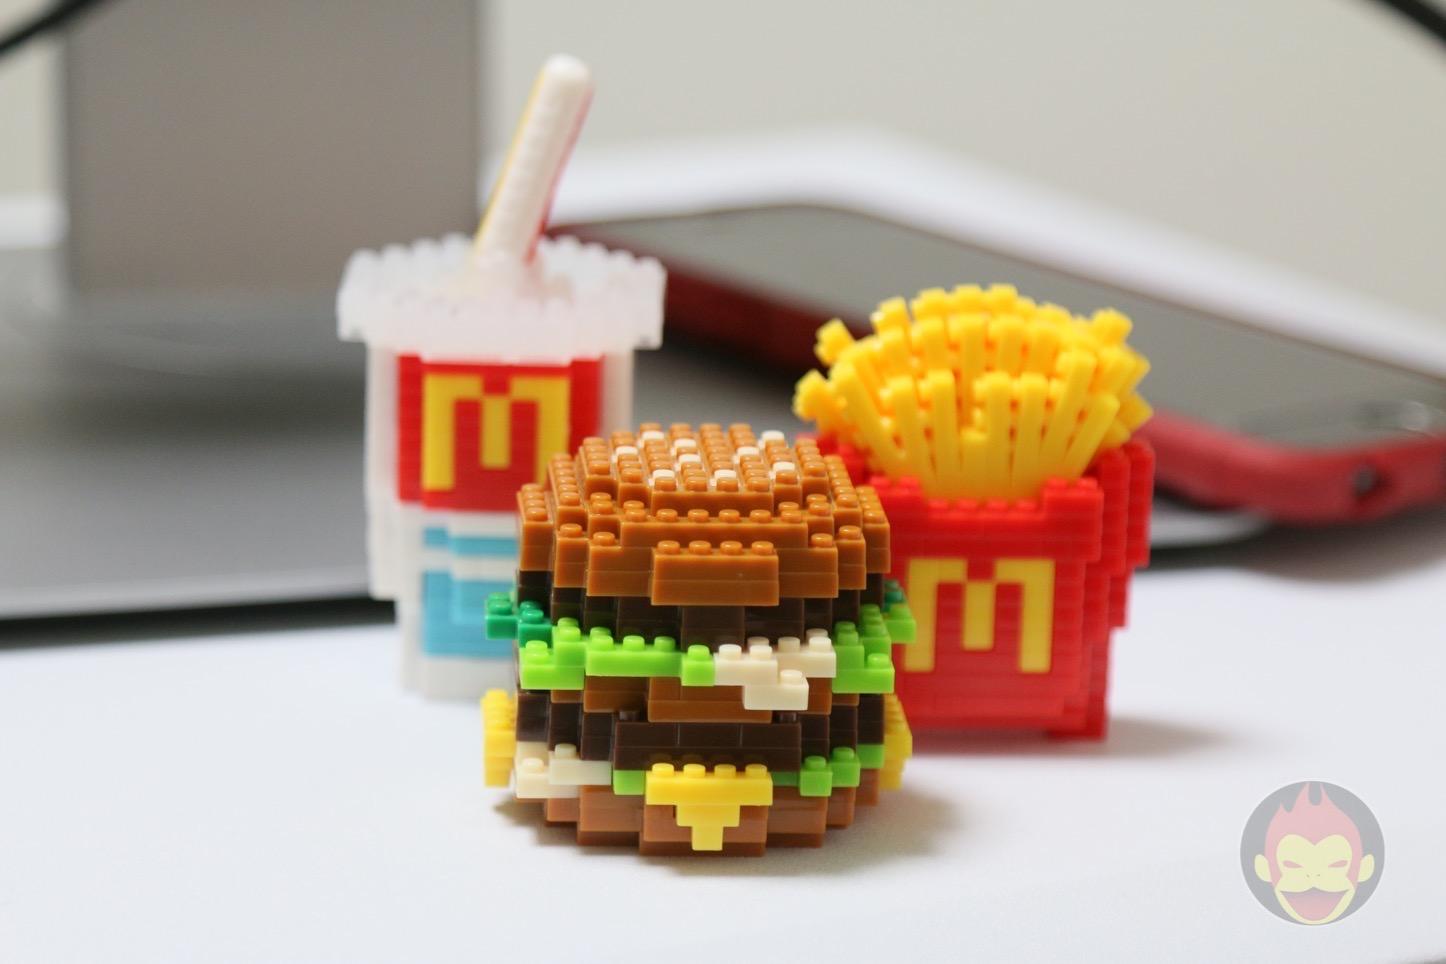 MacDonalds Mega Big Mac Nanoblock